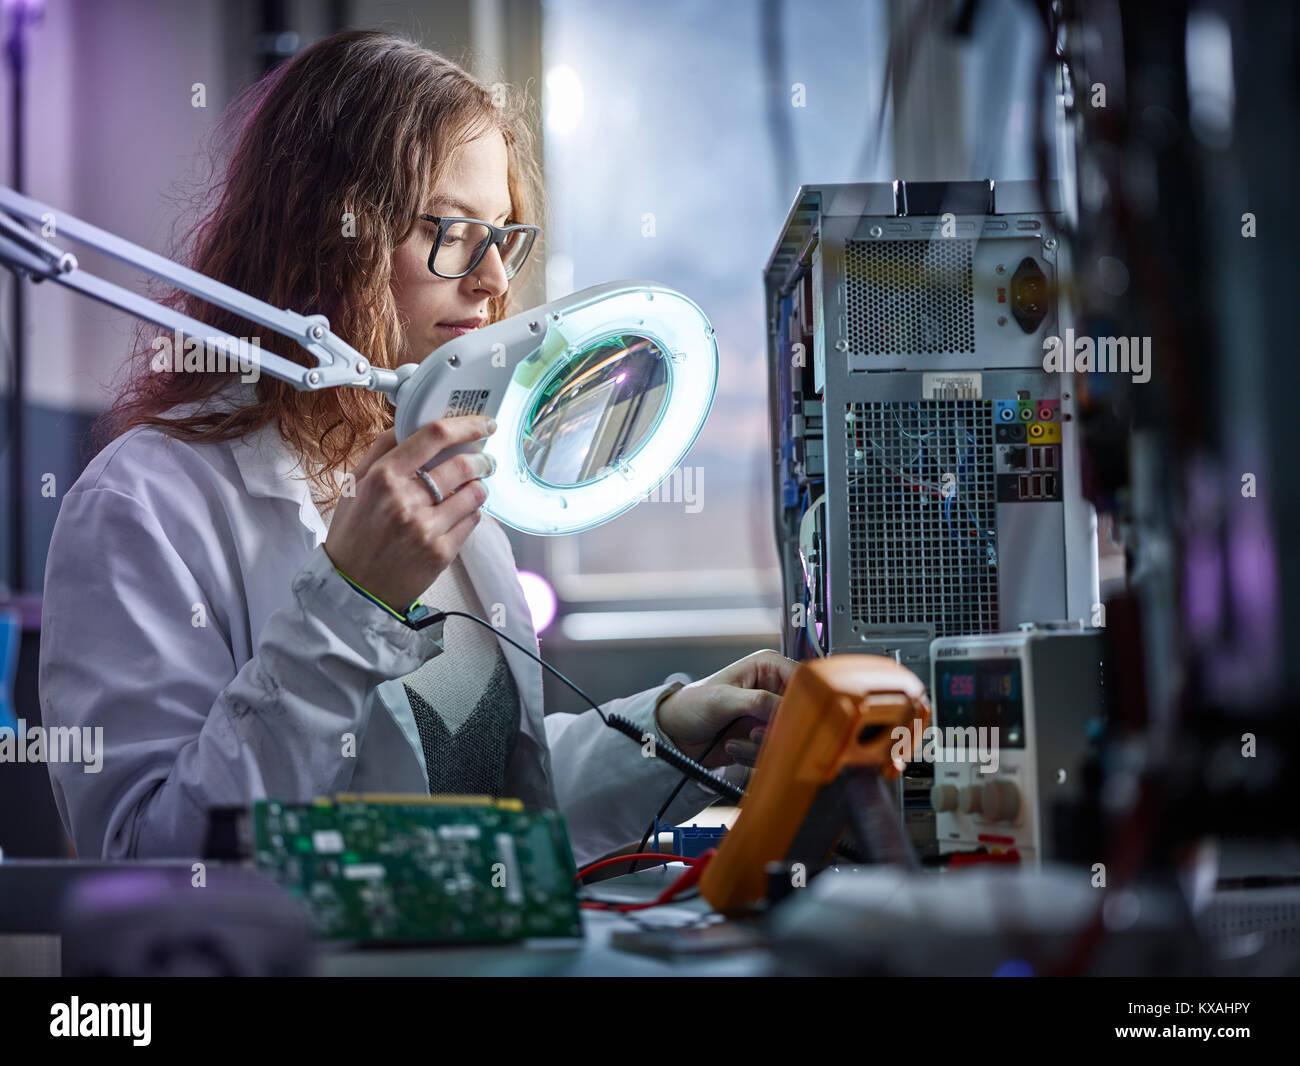 Technicien à sarrau blanc avec un appareil de mesure dans un laboratoire électronique, Autriche Photo Stock